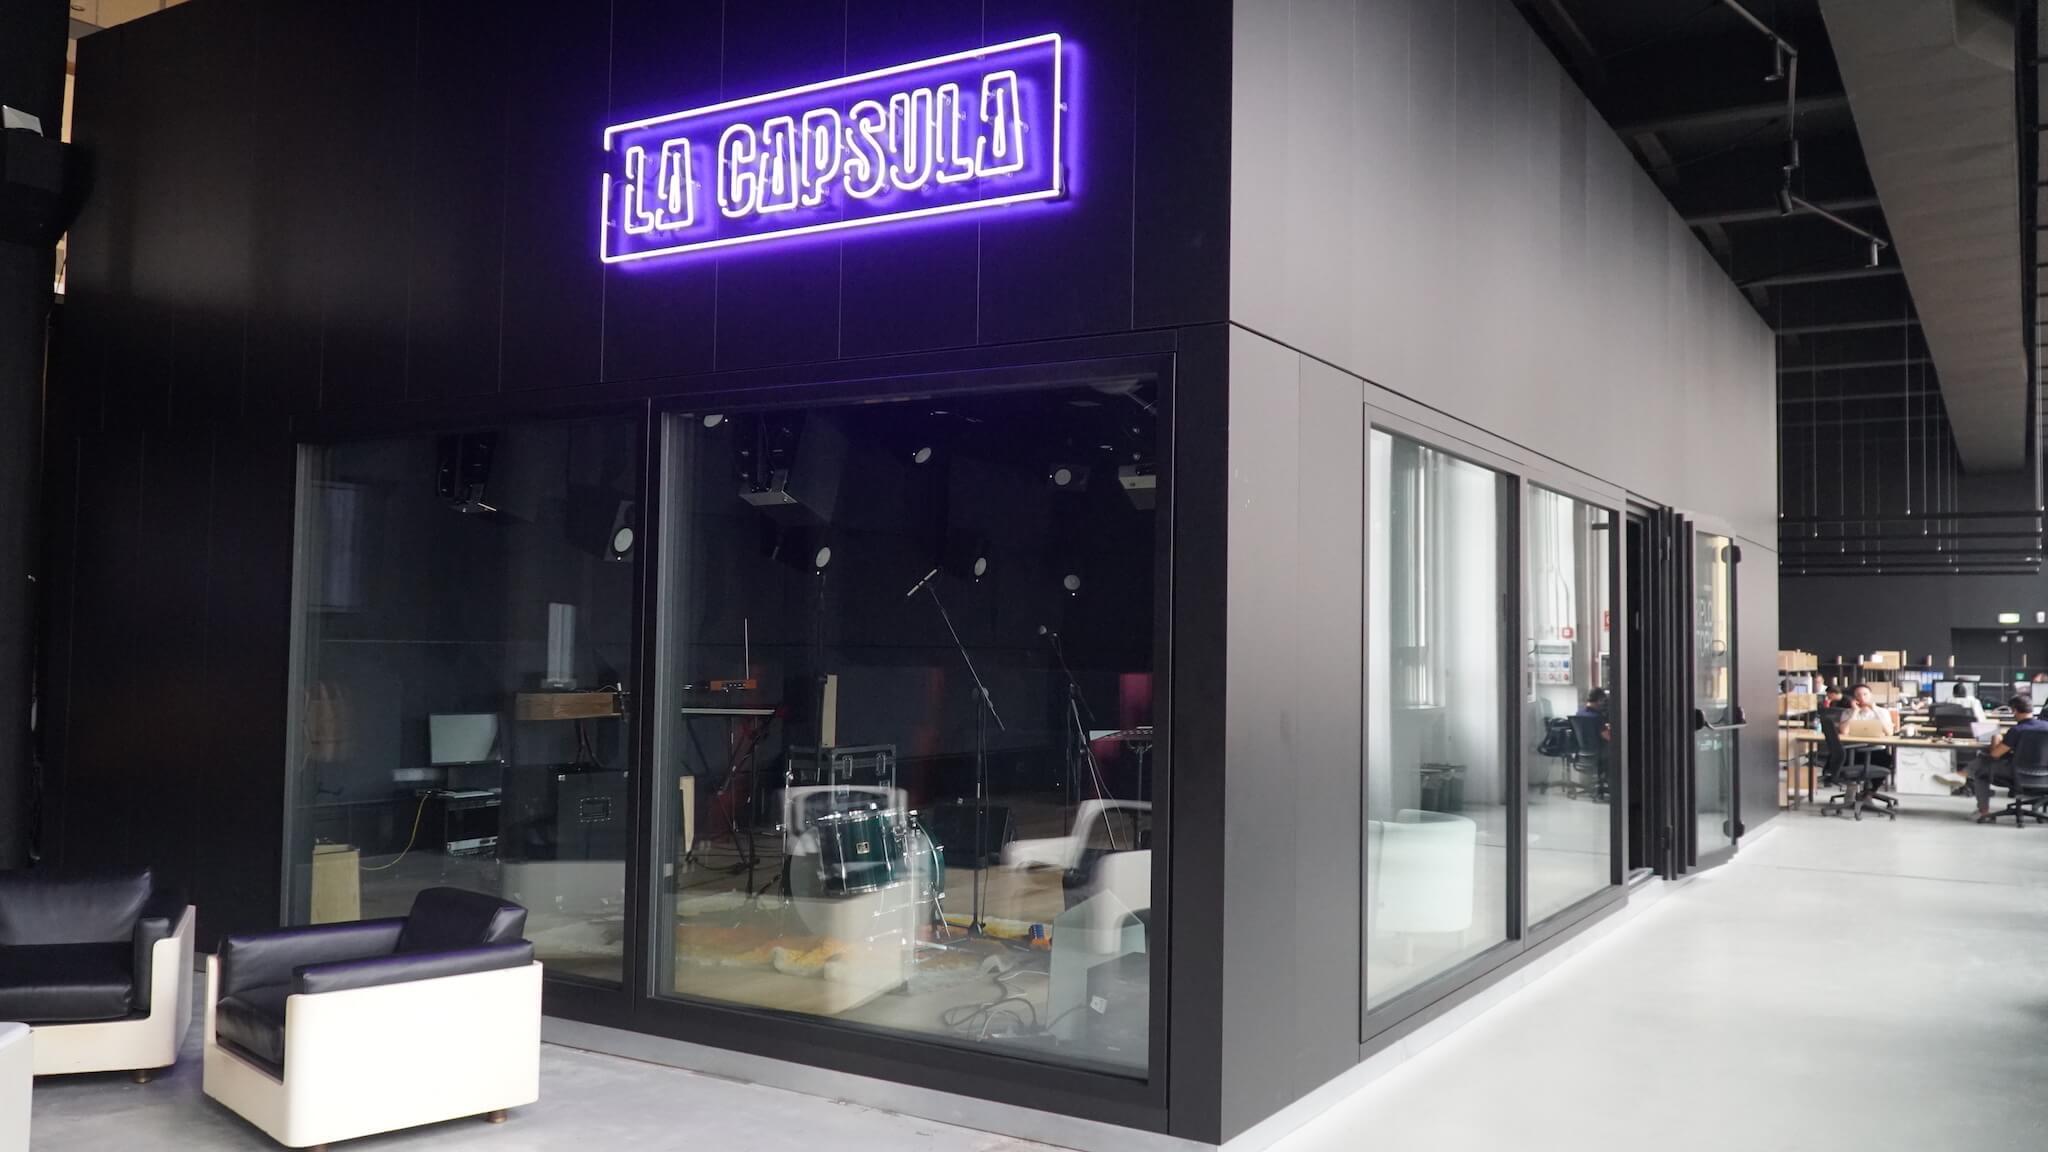 Capsula – BASE Milan